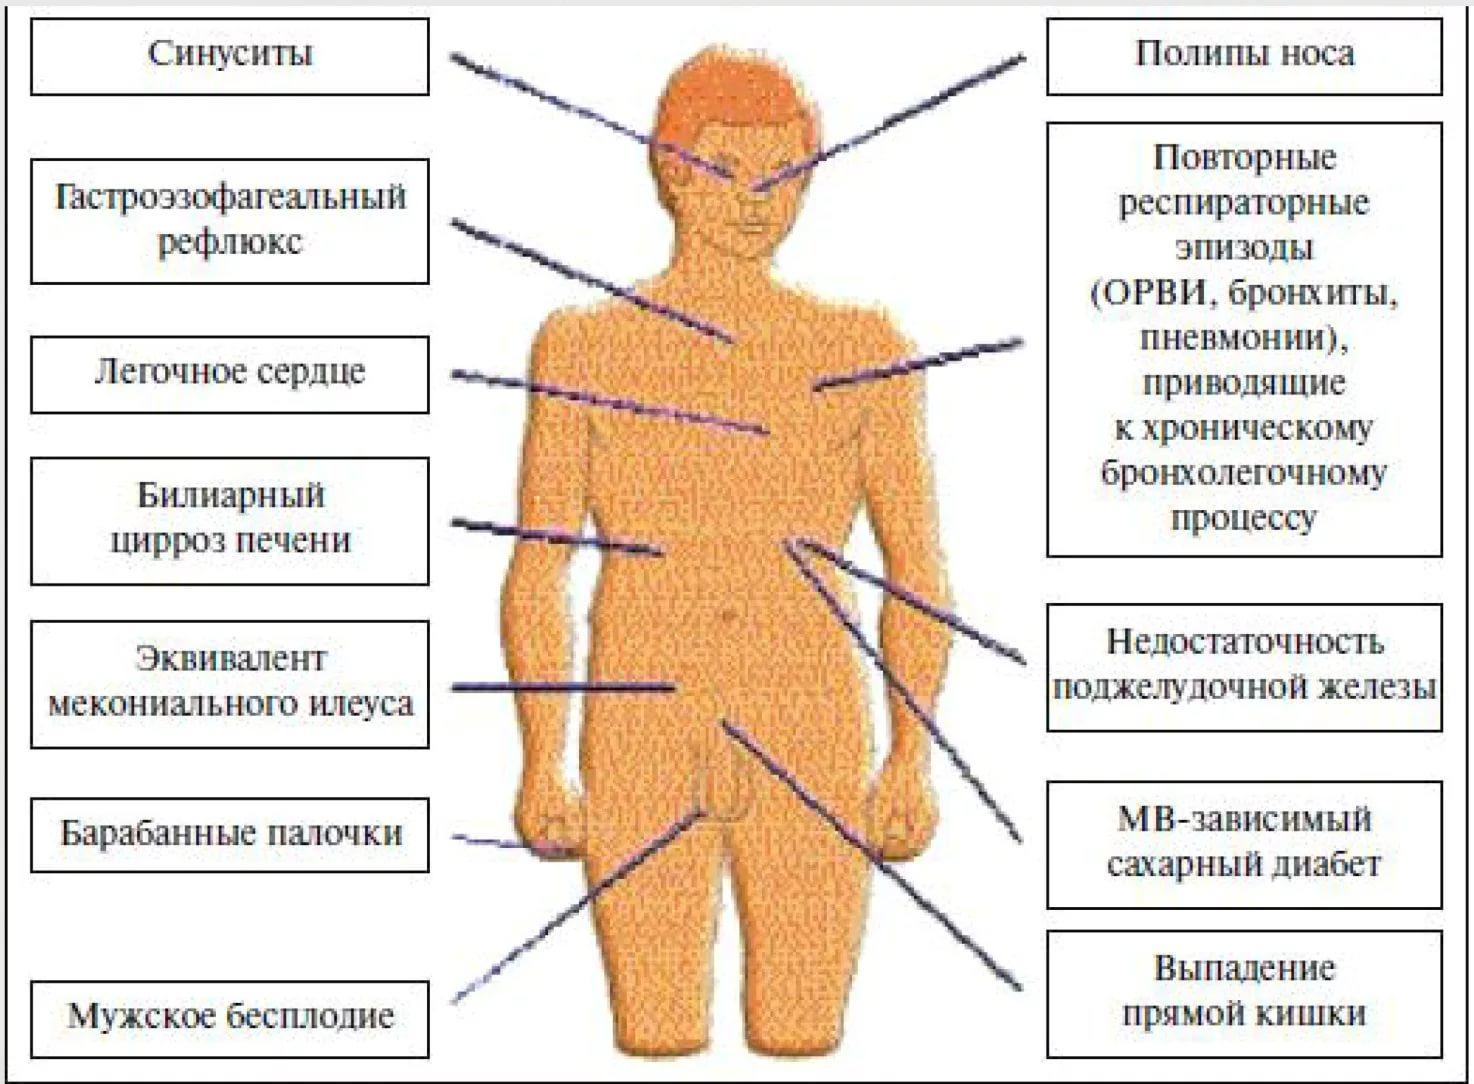 Патогенез муковисцидоза в схеме